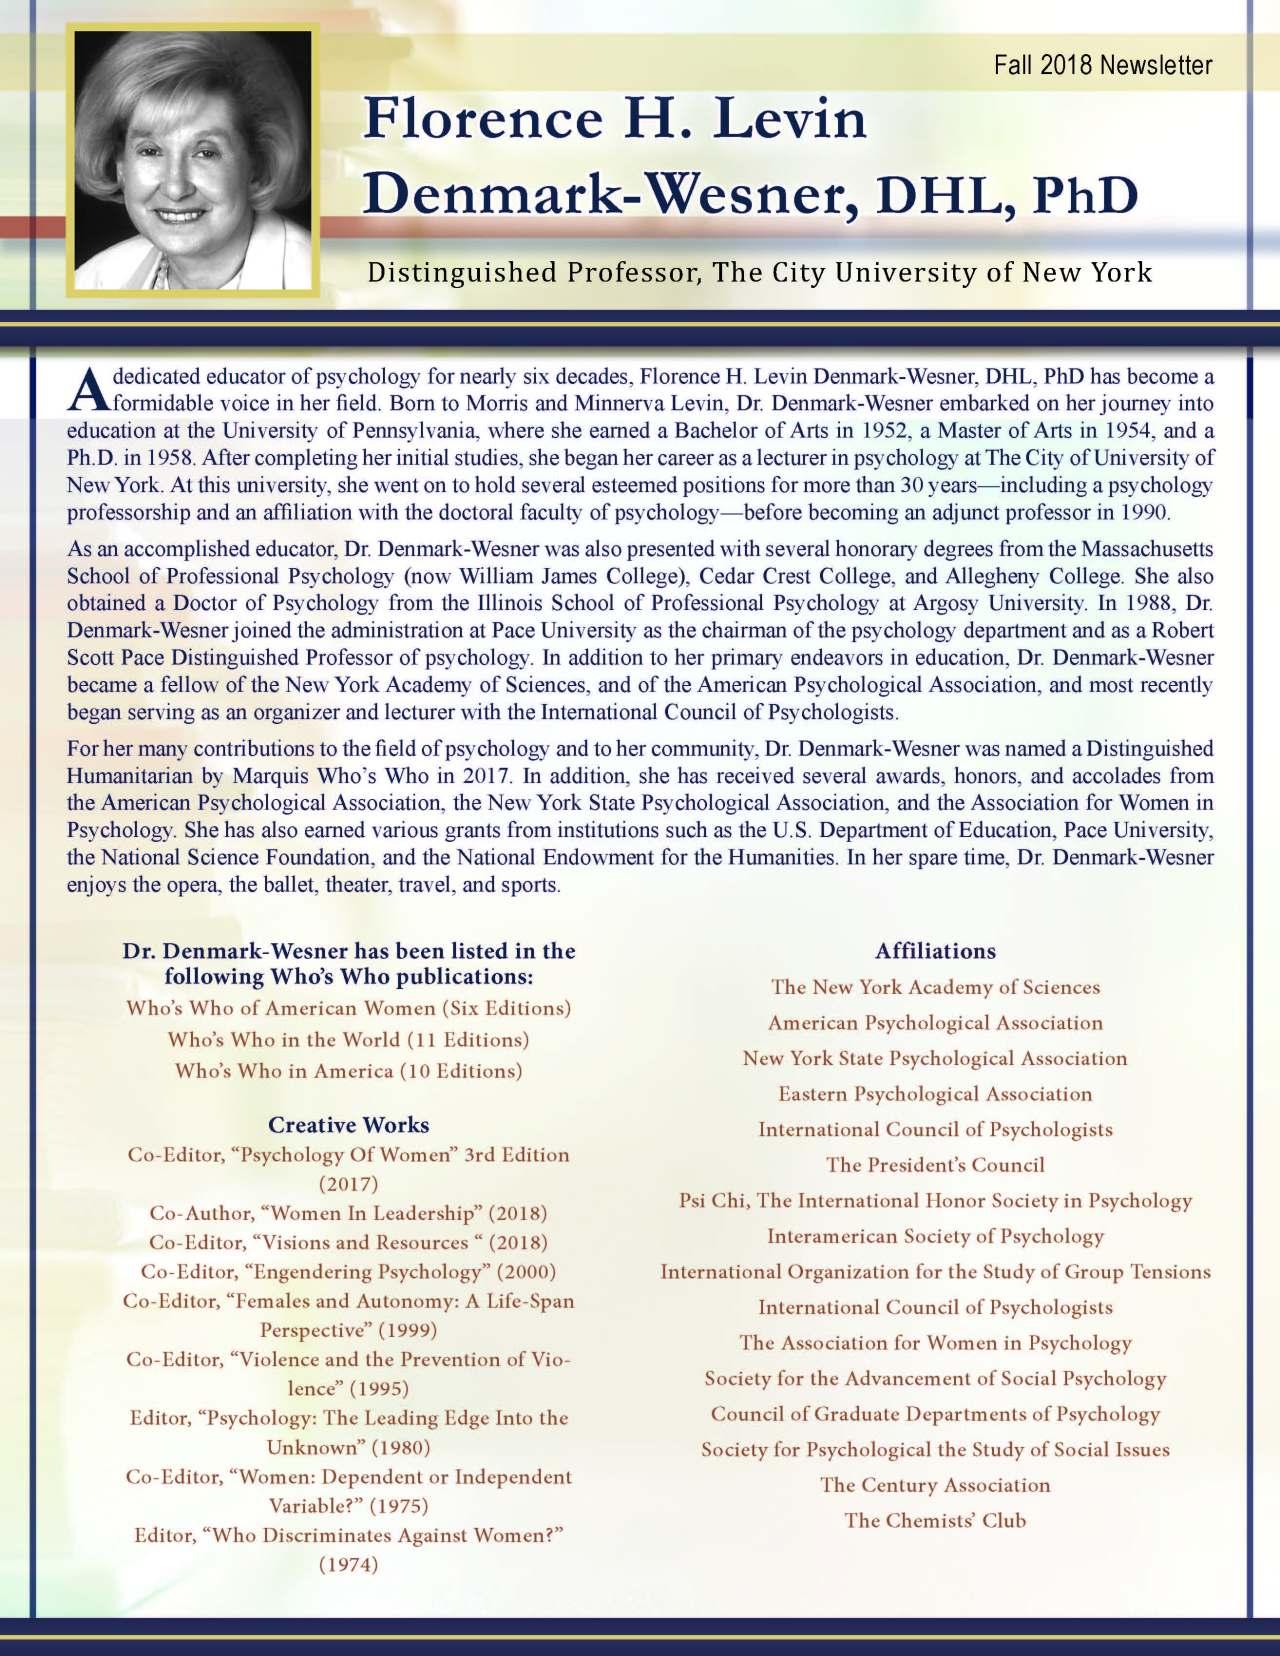 Florence H. Levin Denmark Wesner